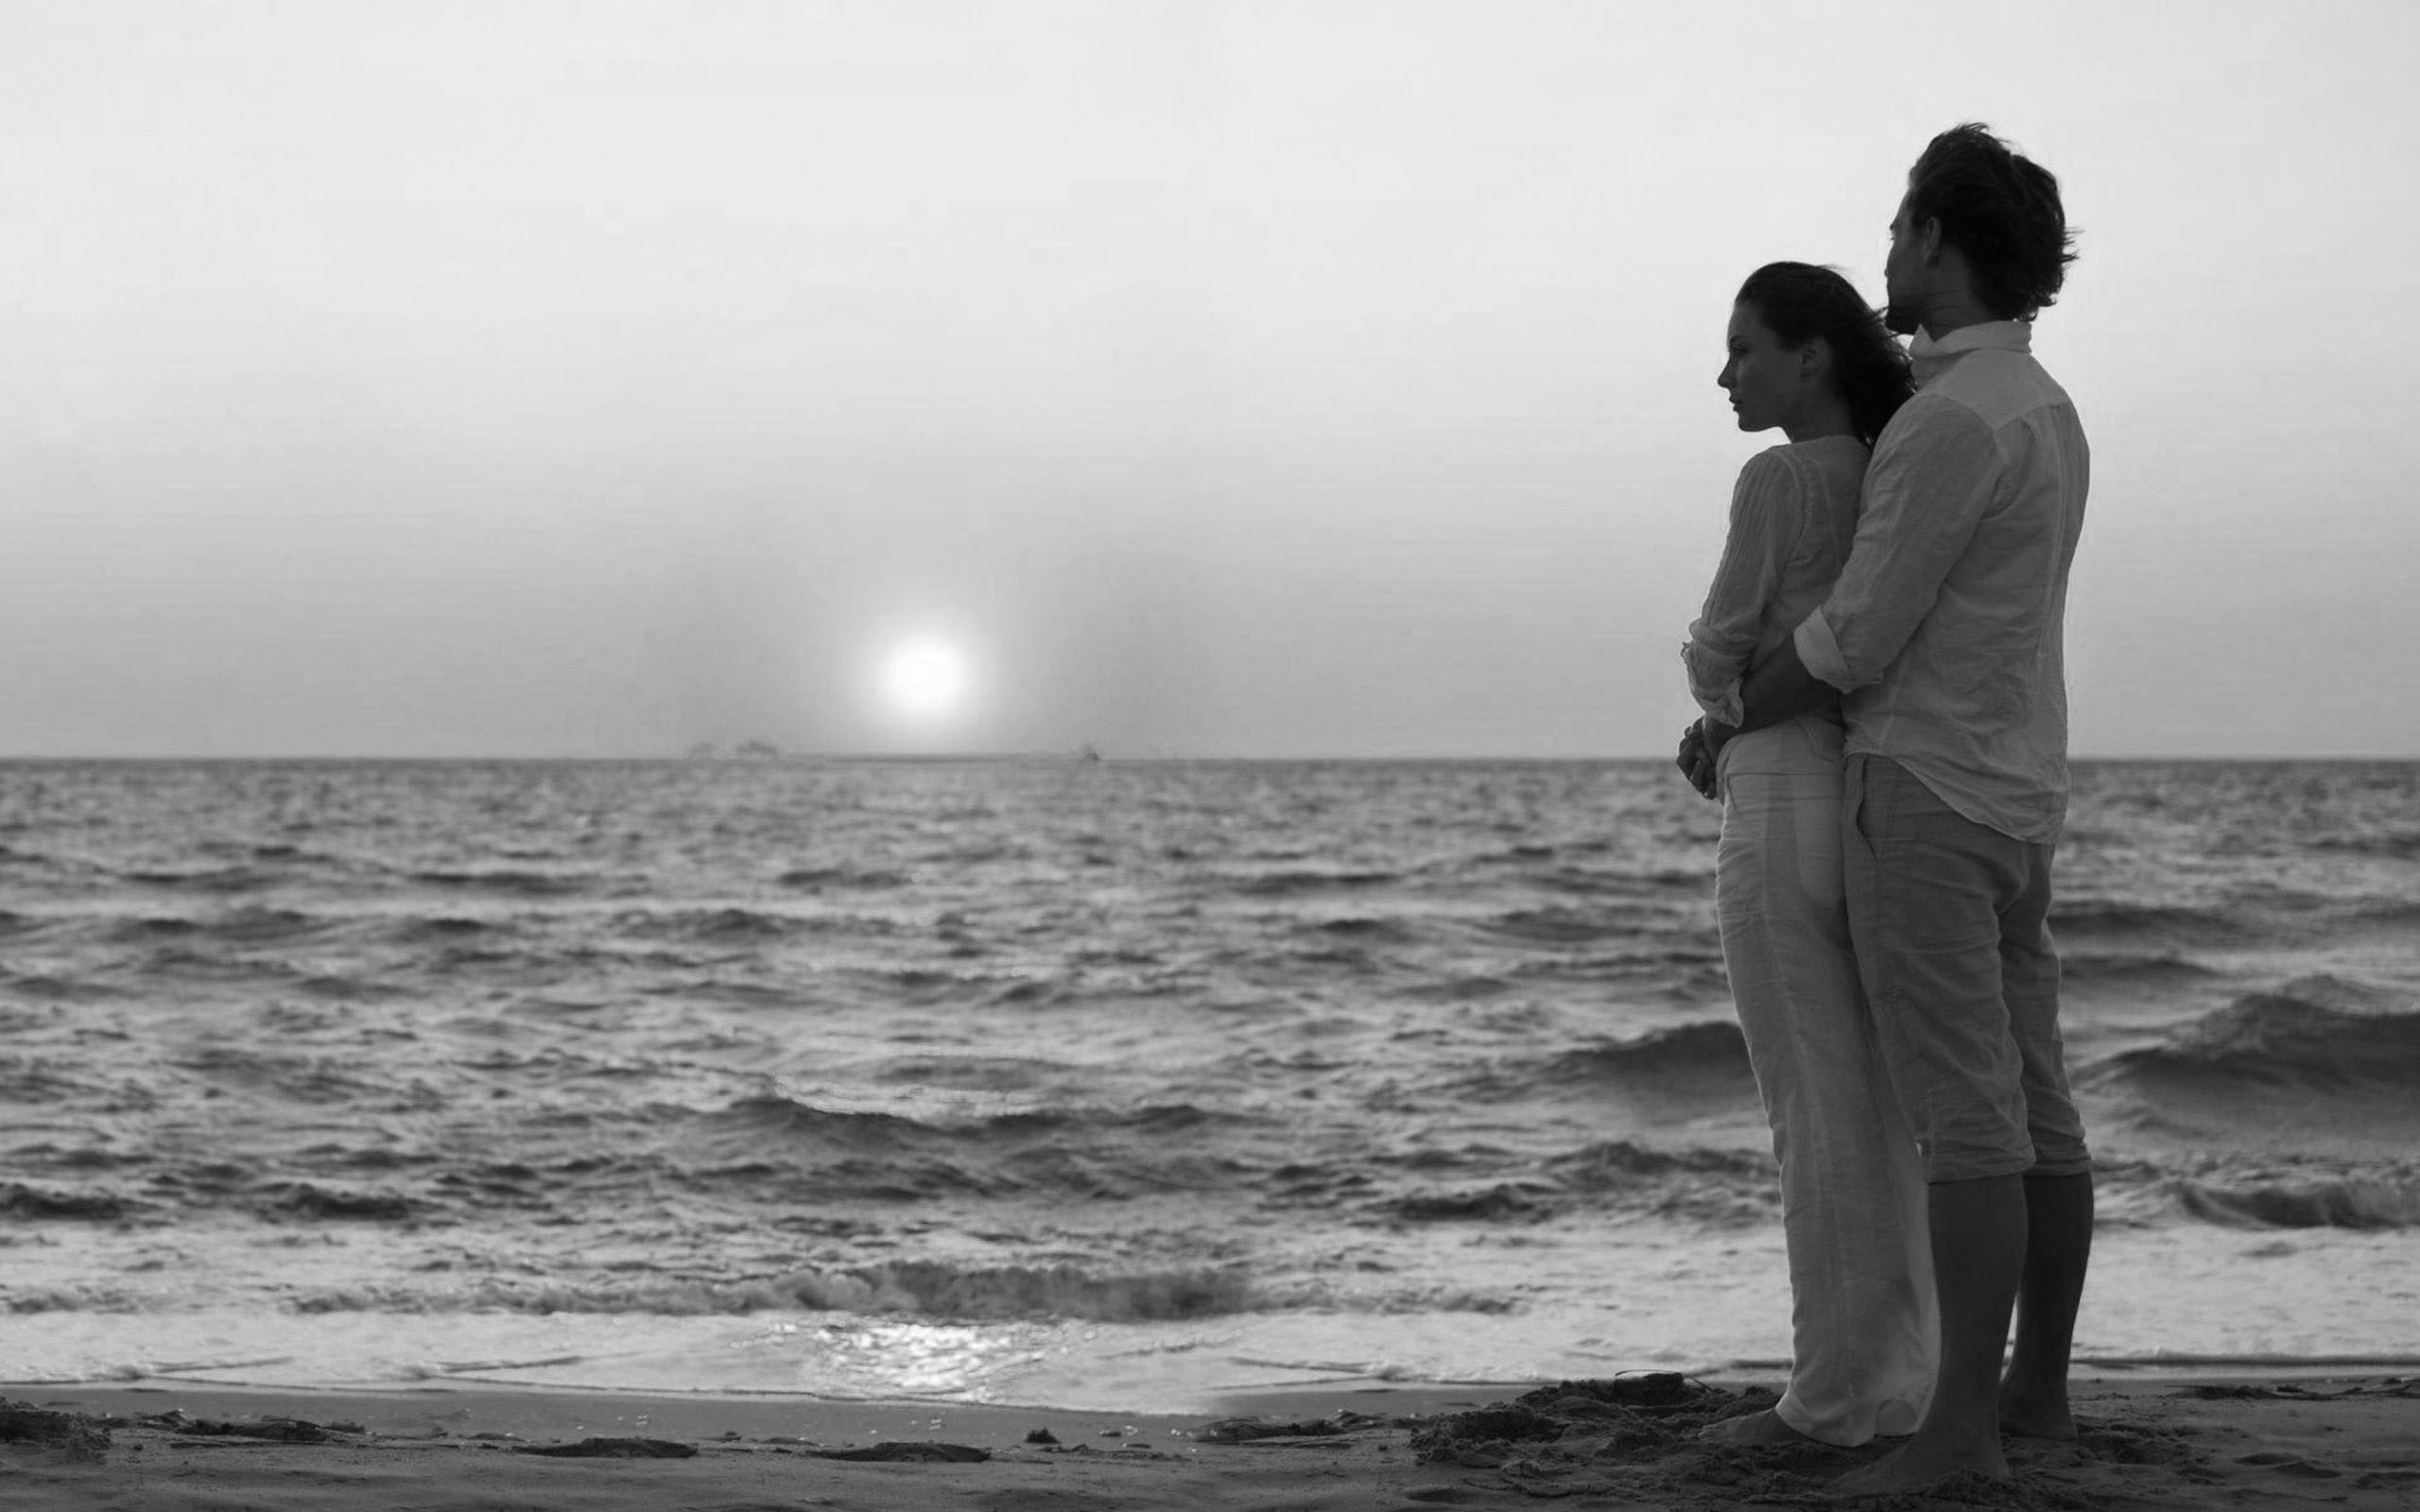 Rencontre libertine : Comment vous allez procéder afin de réussir votre recherche de partenaire ?